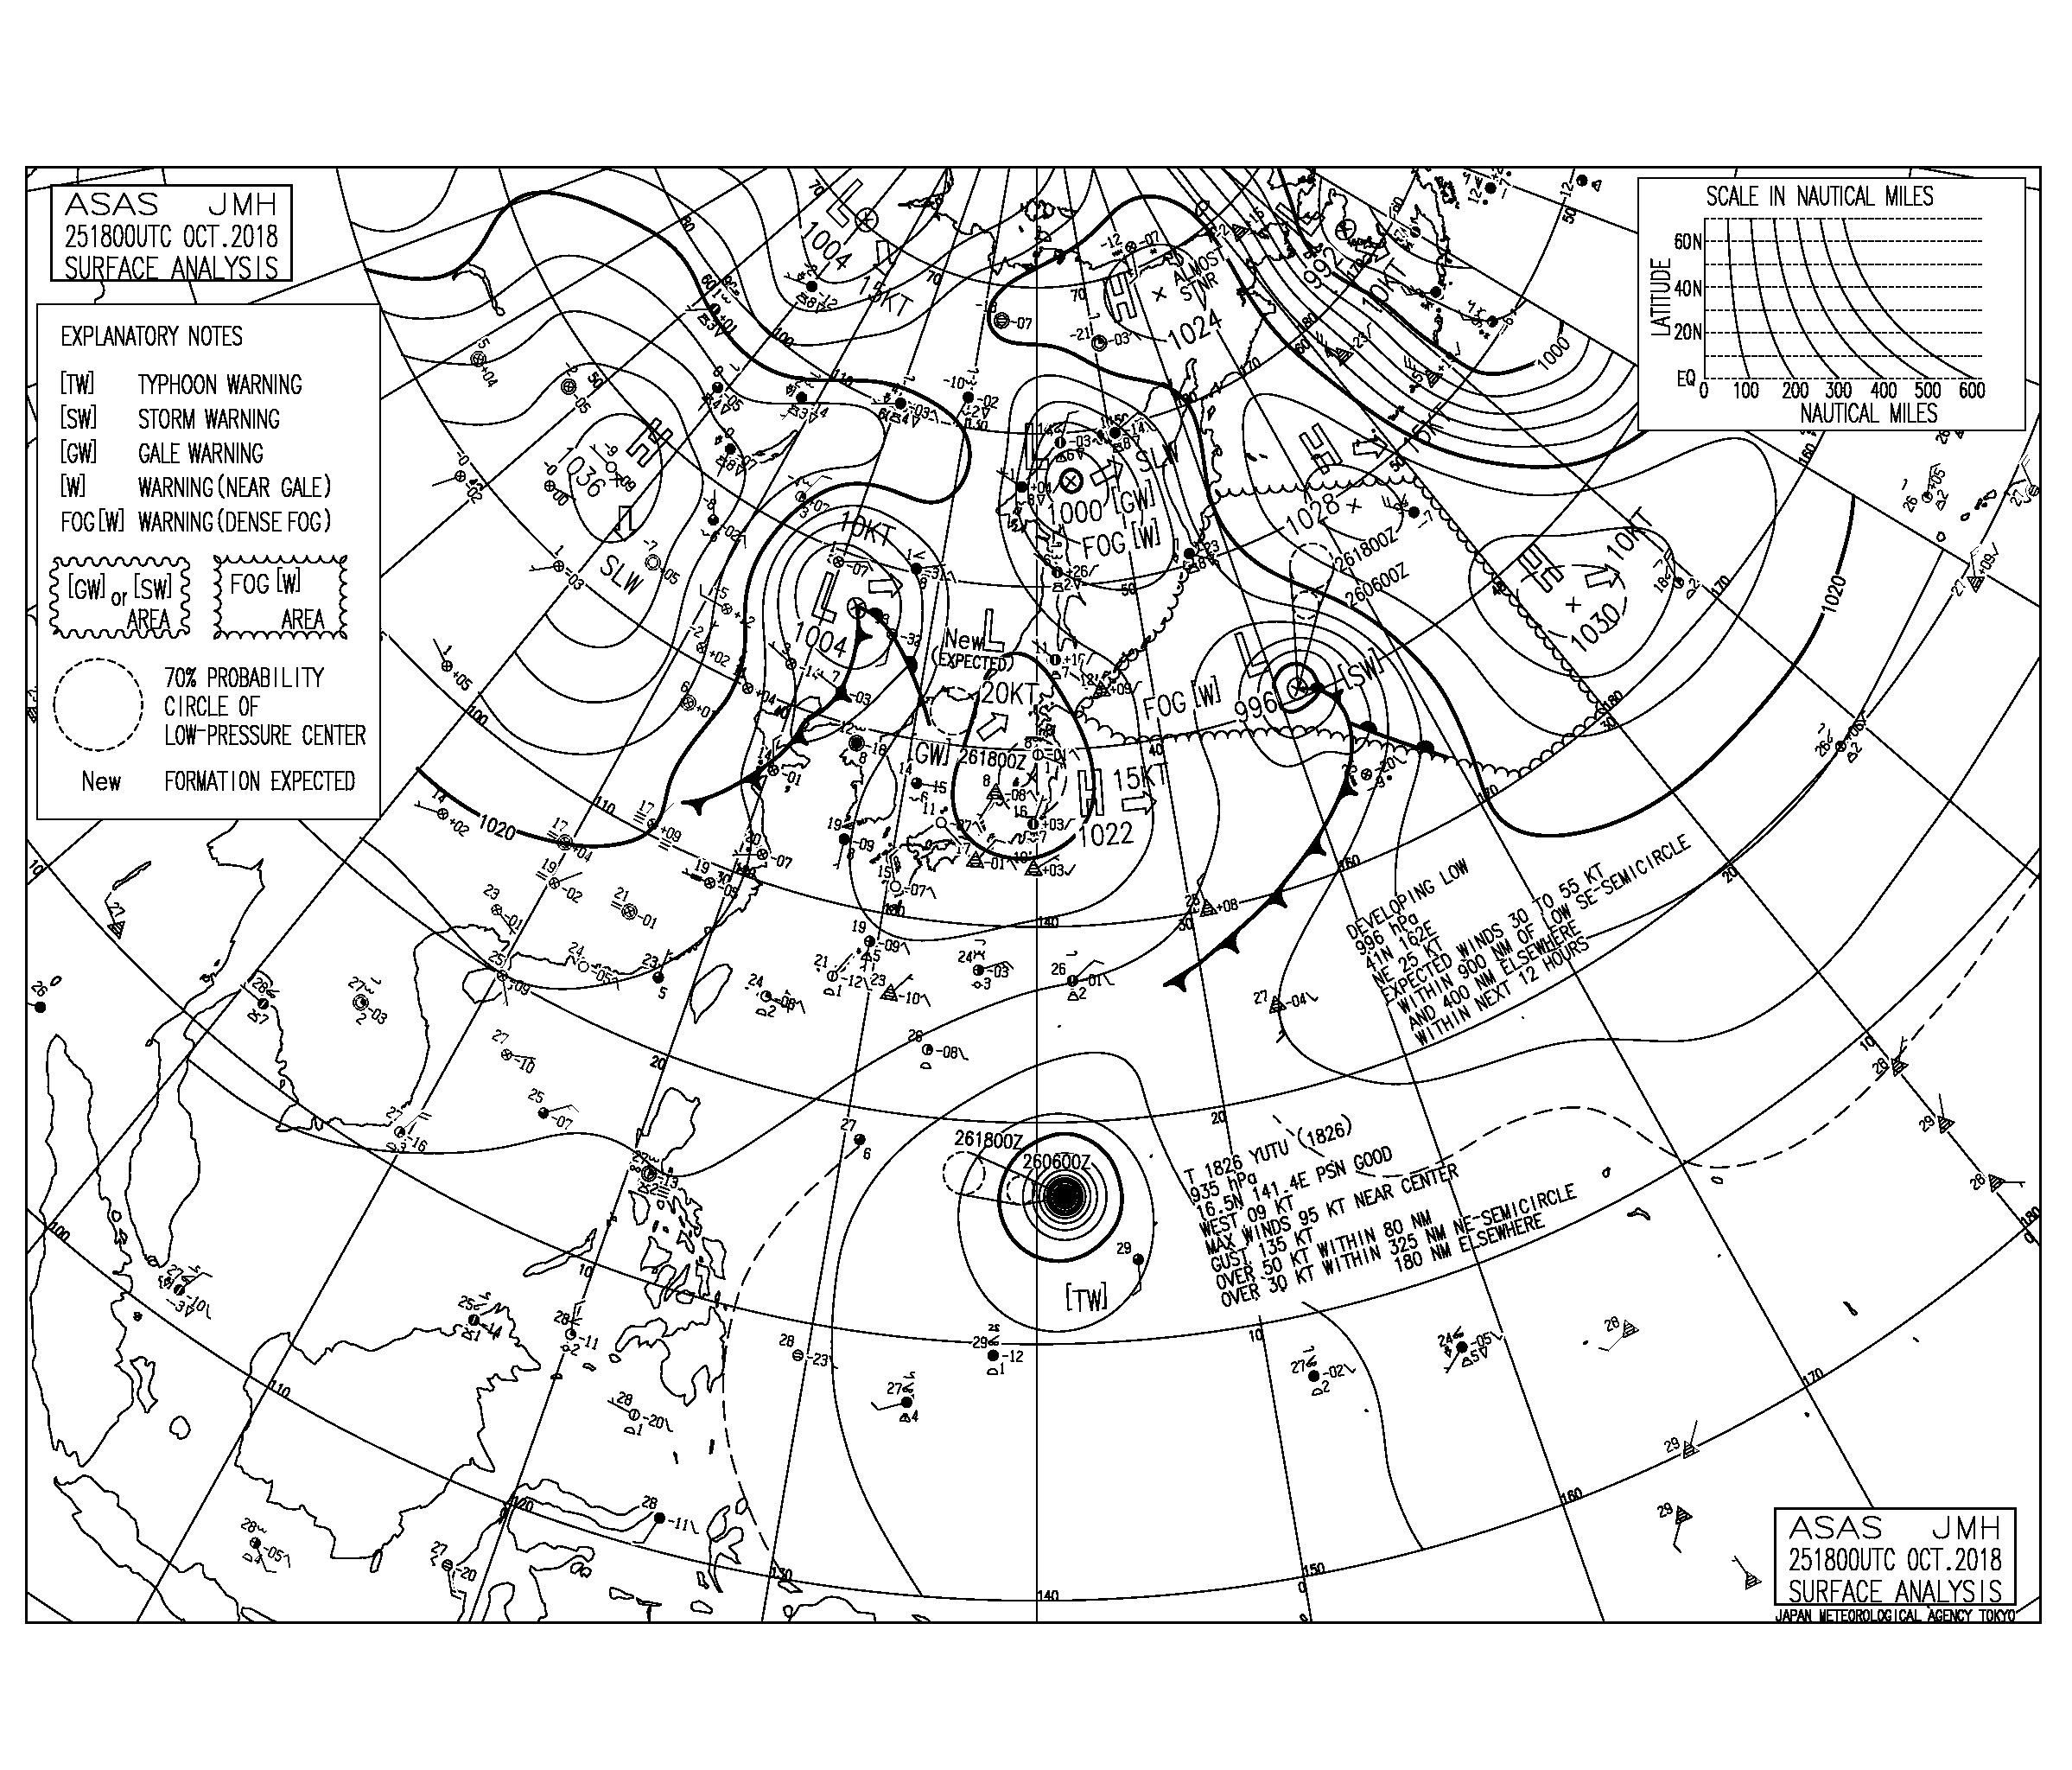 10/26 気圧配置と波情報~週末は台風26号のうねりがしっかり反応する見込み、土曜日は南風を軽減するポイントへ